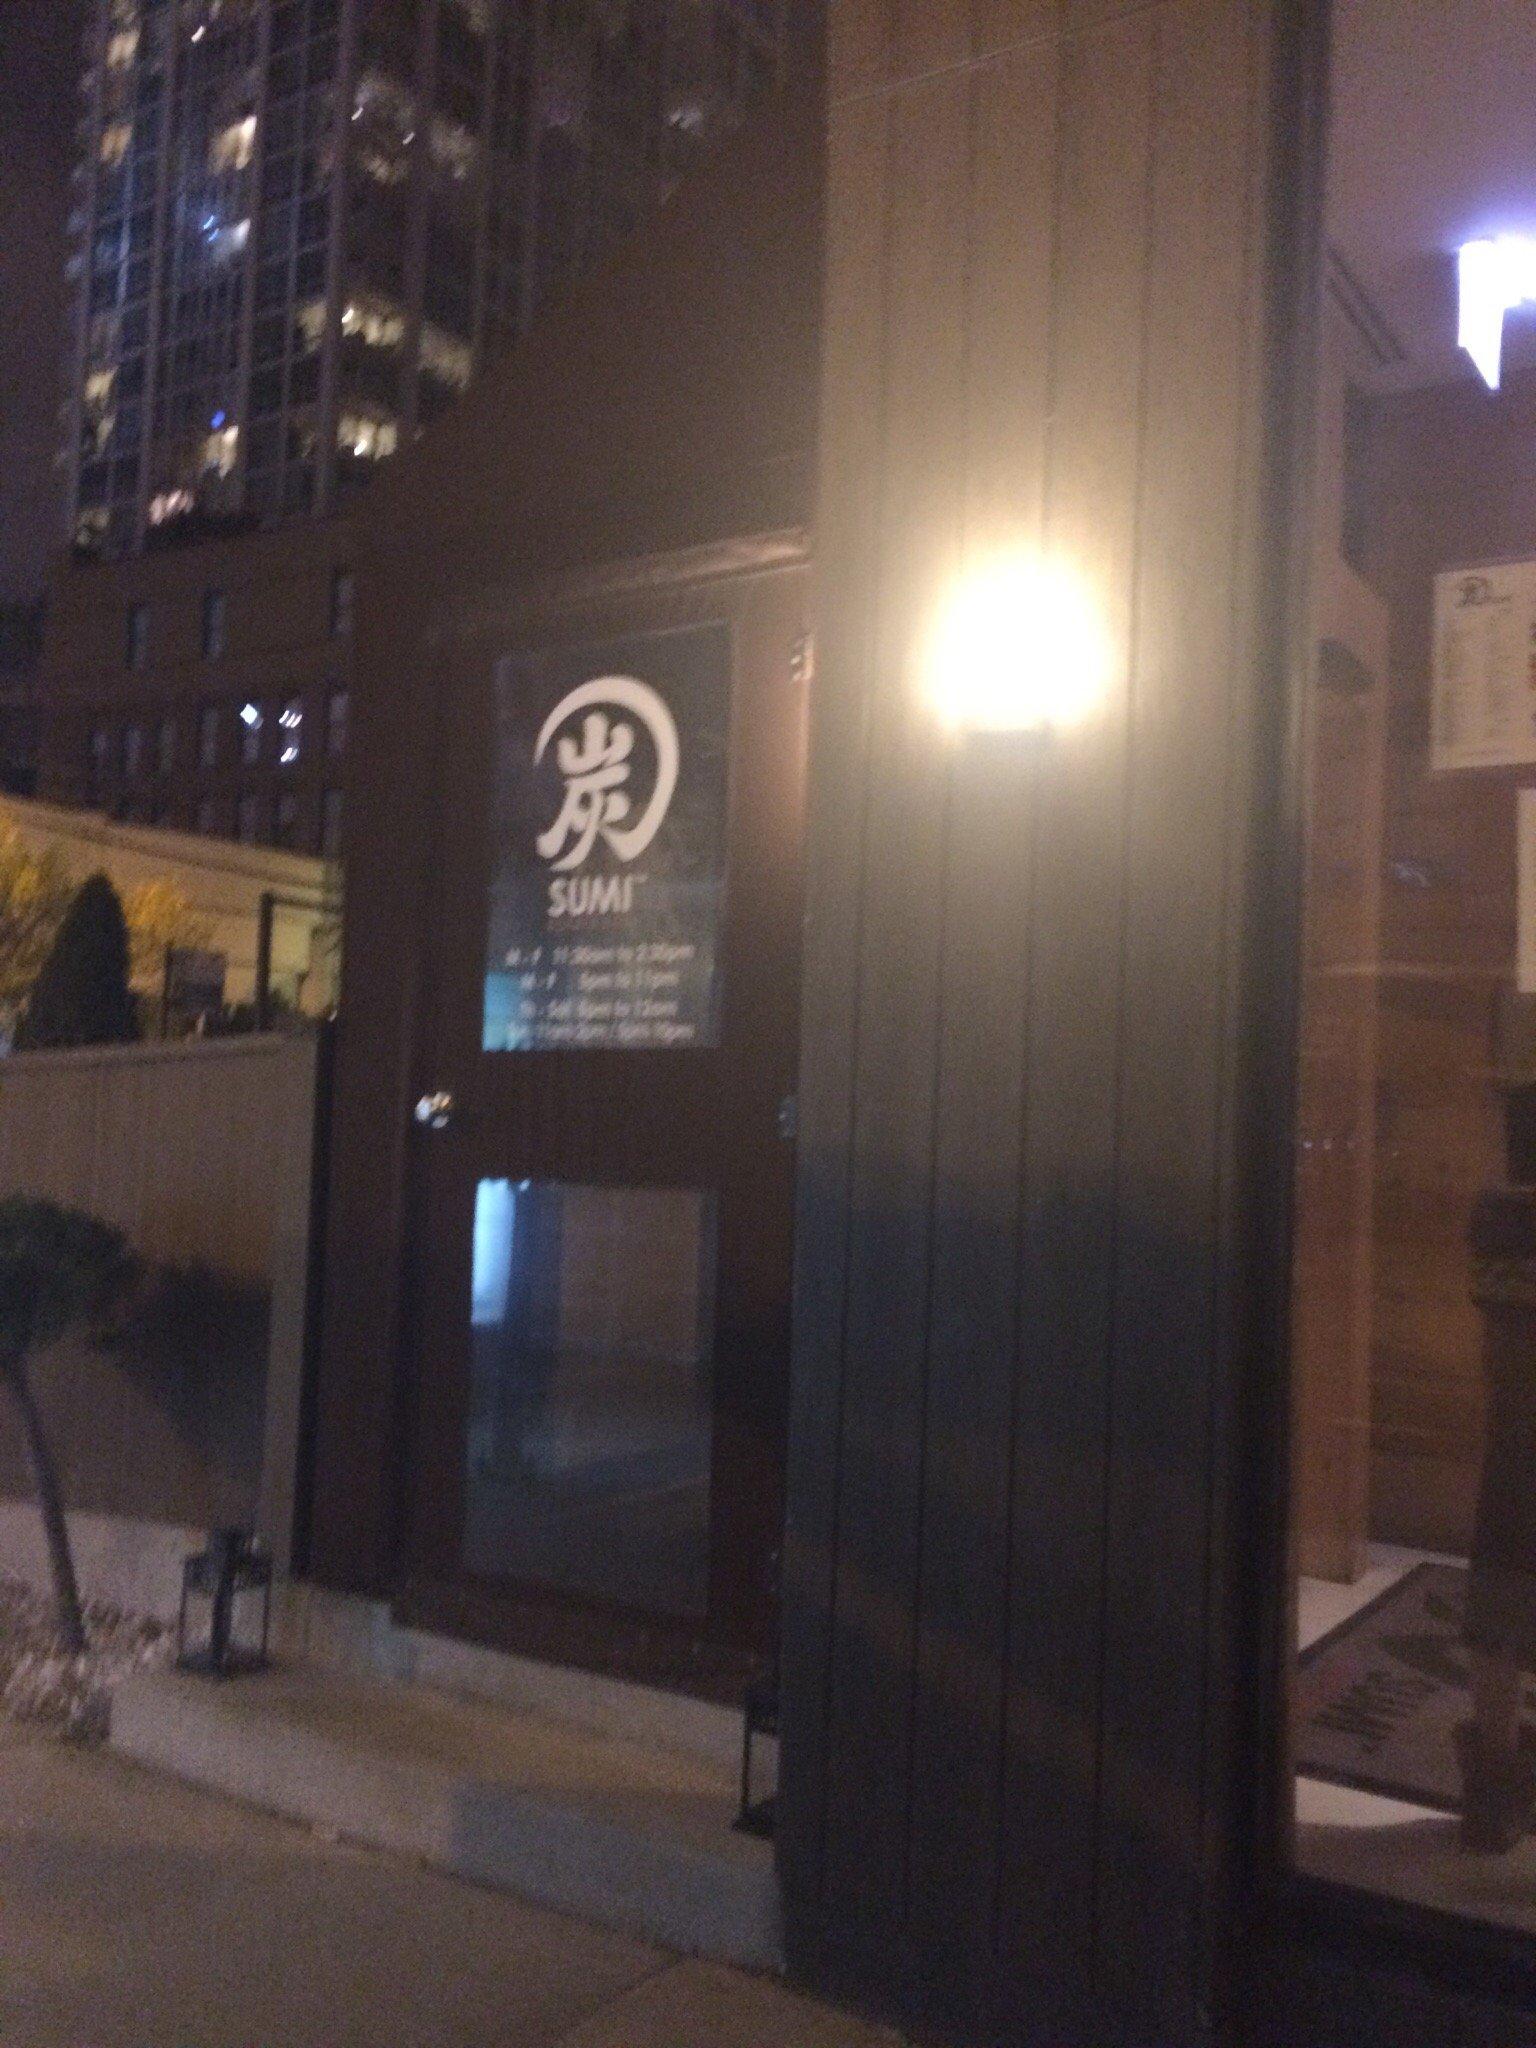 Chicago Map With Neighborhood Names%0A Sumi Robata bar  Chicago  Restaurant Reviews  Phone Number  u     Photos   TripAdvisor